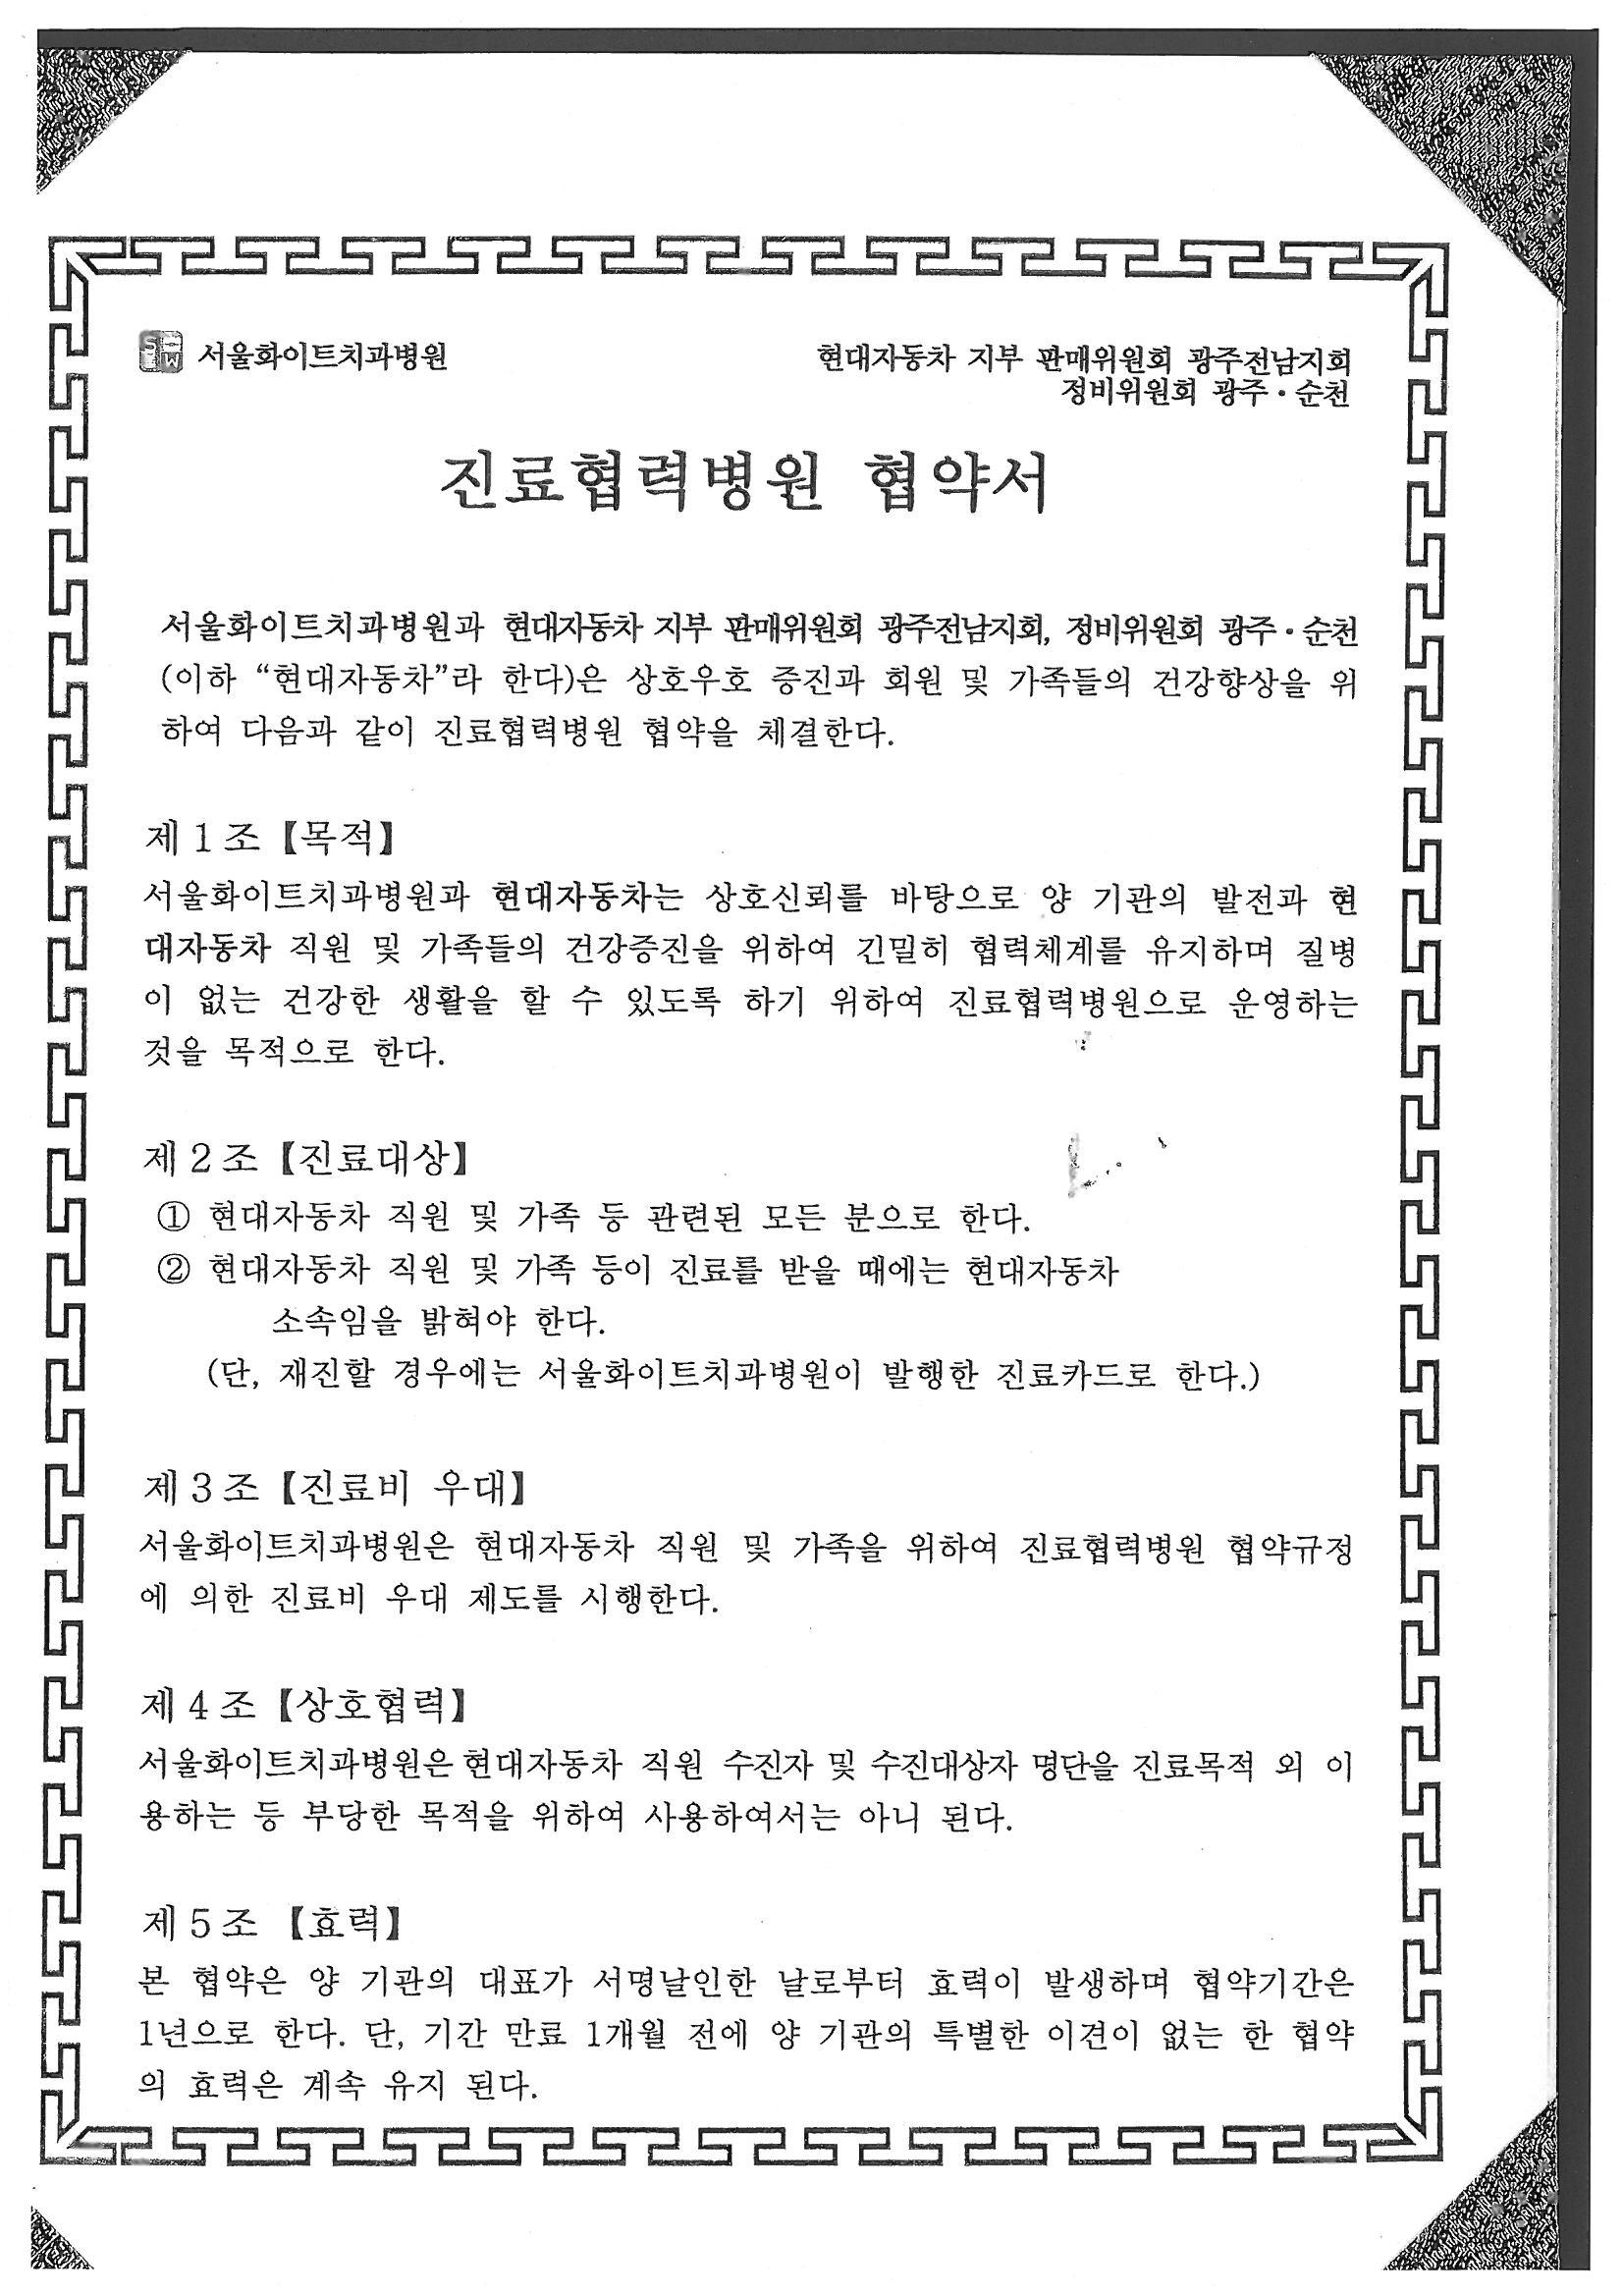 서울화이트.jpg